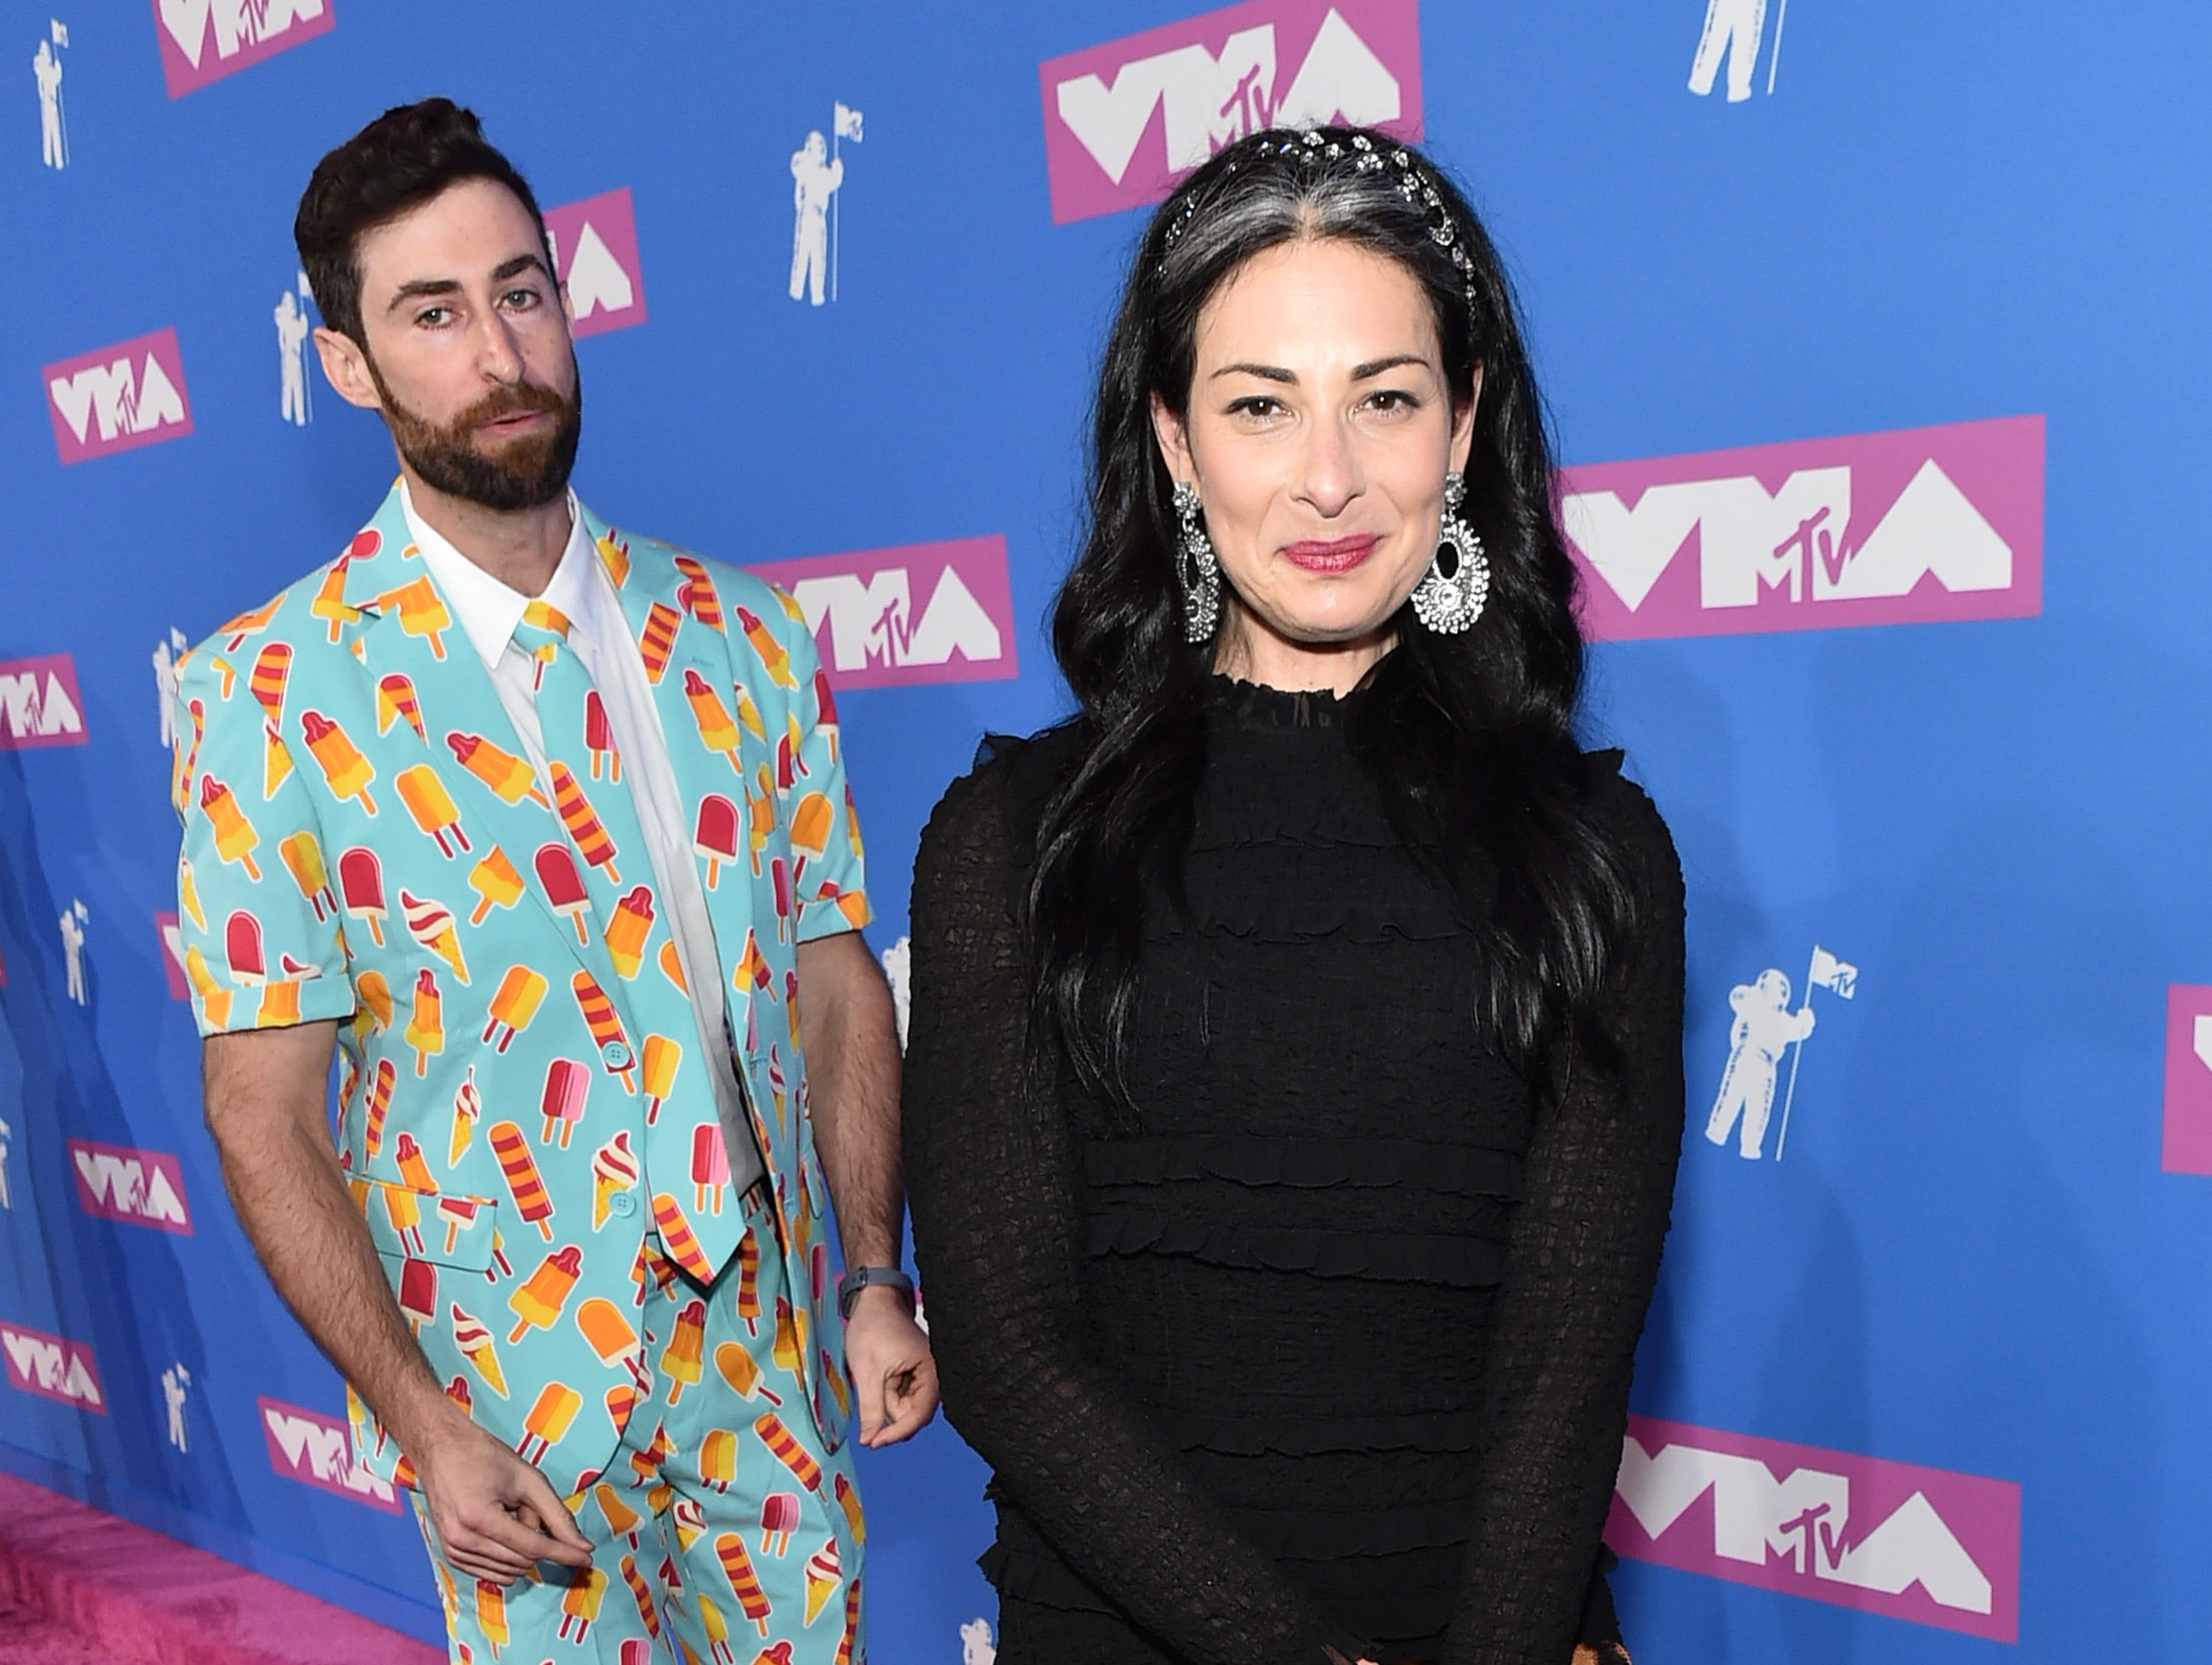 Stacy London (der) y Scott Rogowsky asisten a los MTV Video Music Awards 2018 en Radio City Music Hall el 20 de agosto de 2018 en la ciudad de Nueva York.